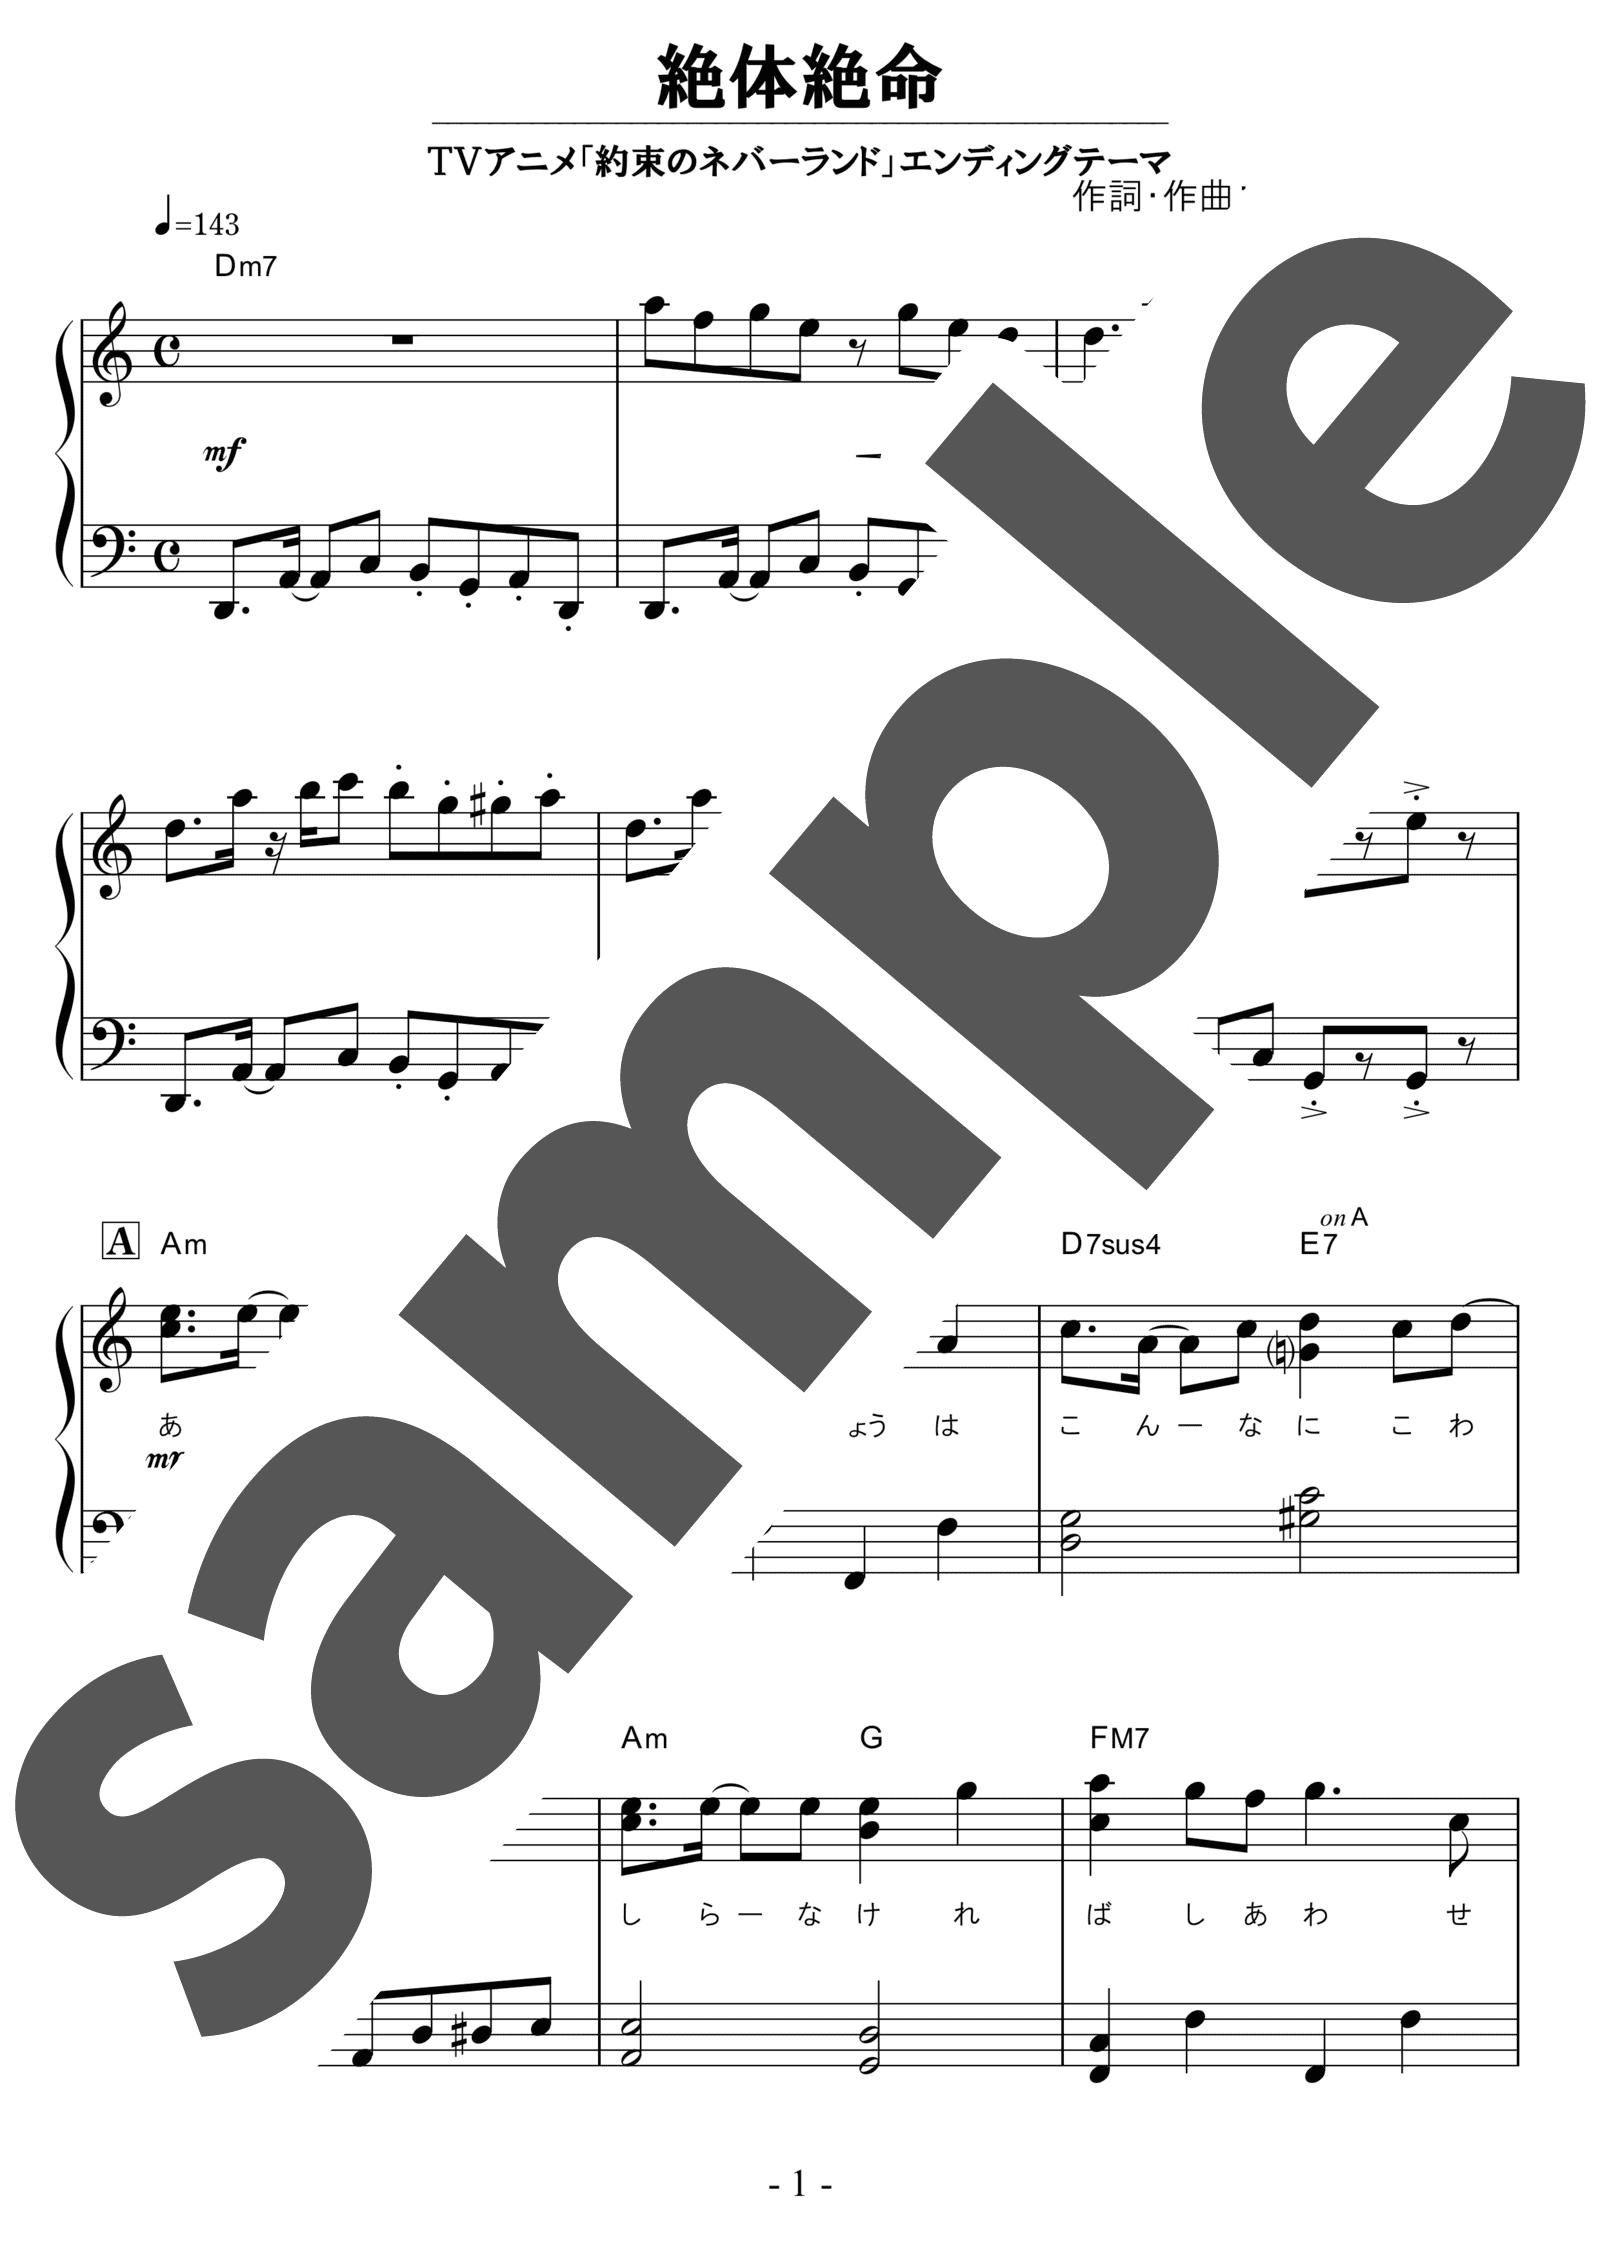 「絶体絶命」のサンプル楽譜